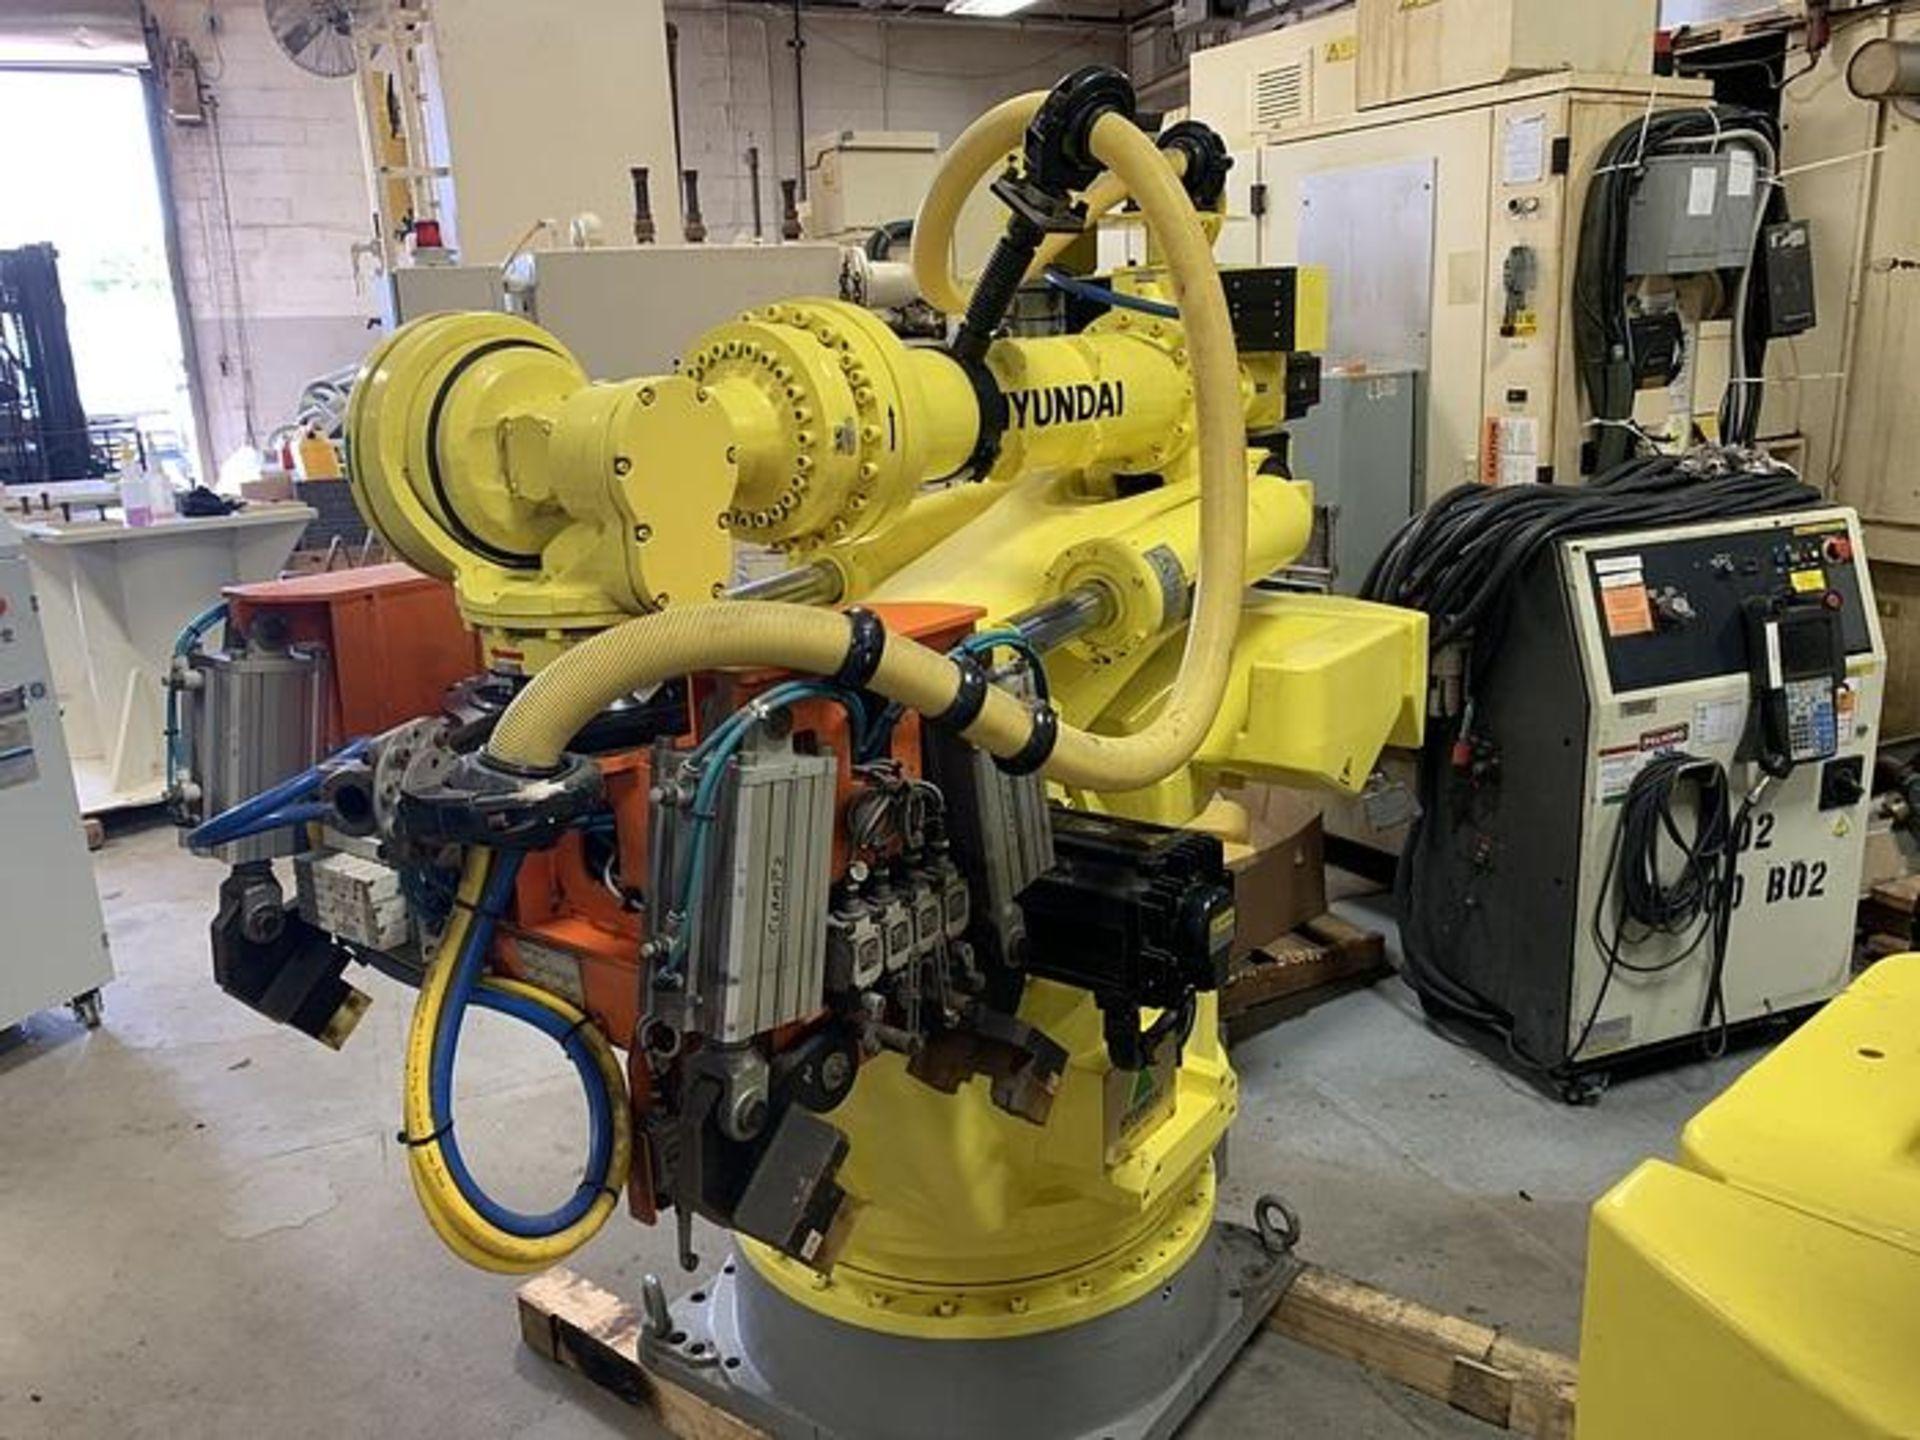 HYUNDIA MODEL HX400 400KG X 2573MM Hi5-N80U CONT. 6 AXIS CNC ROBOT, YEAR 2012, SN HB35-054-572 - Image 3 of 21